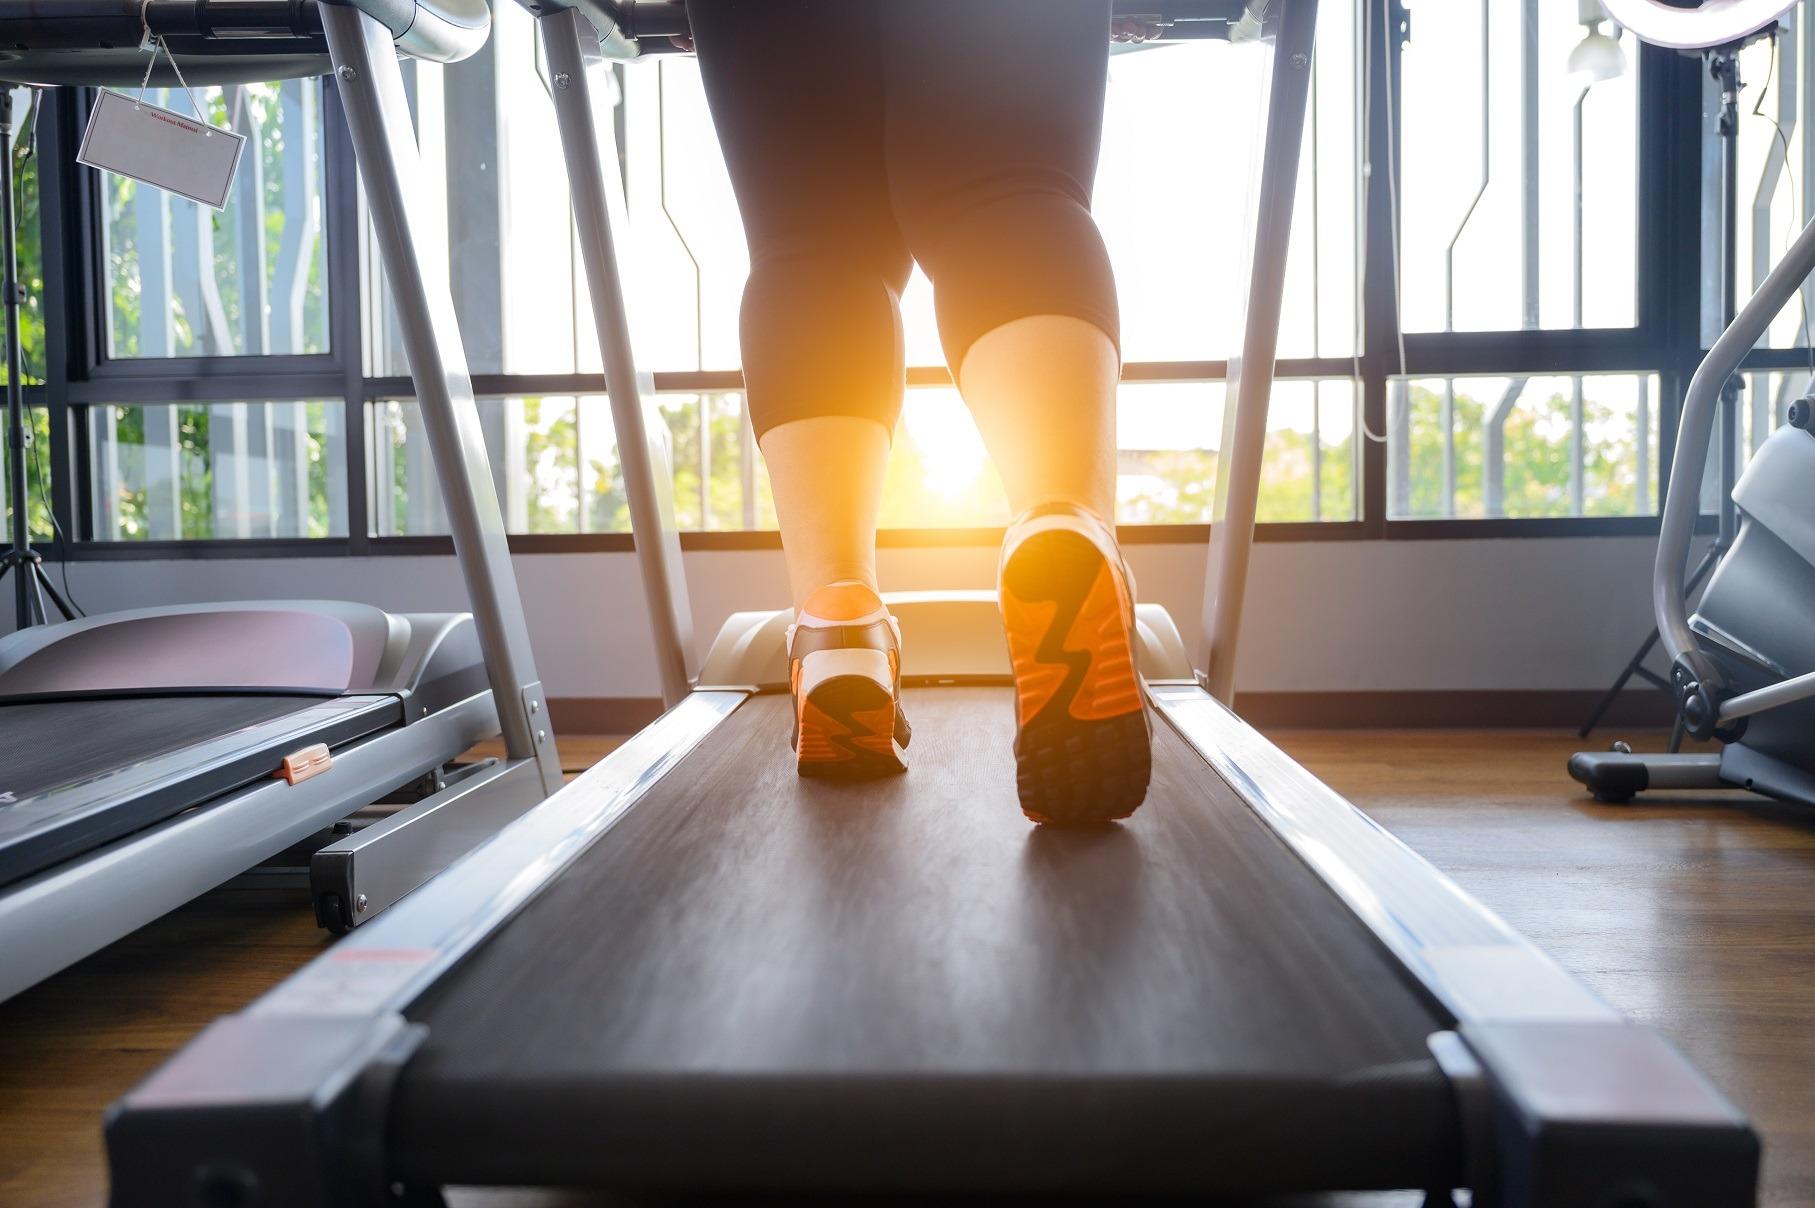 benzi de la picioare pentru a pierde în greutate